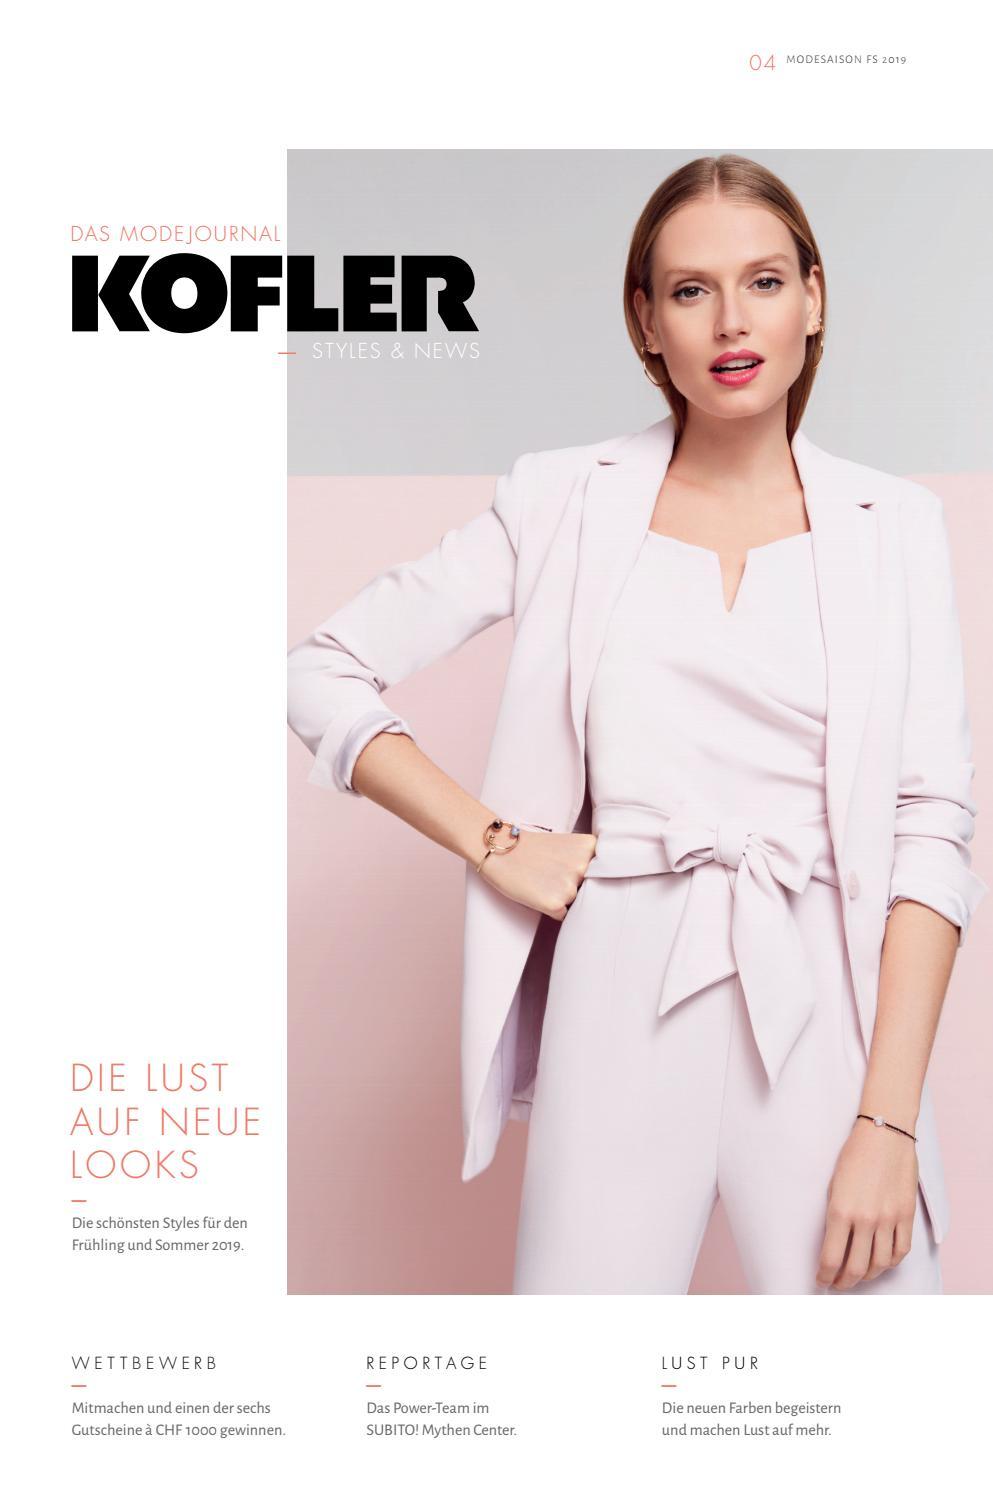 c67f8a5de91d KOFLER Mode Journal No. 4 by KOFLER - issuu